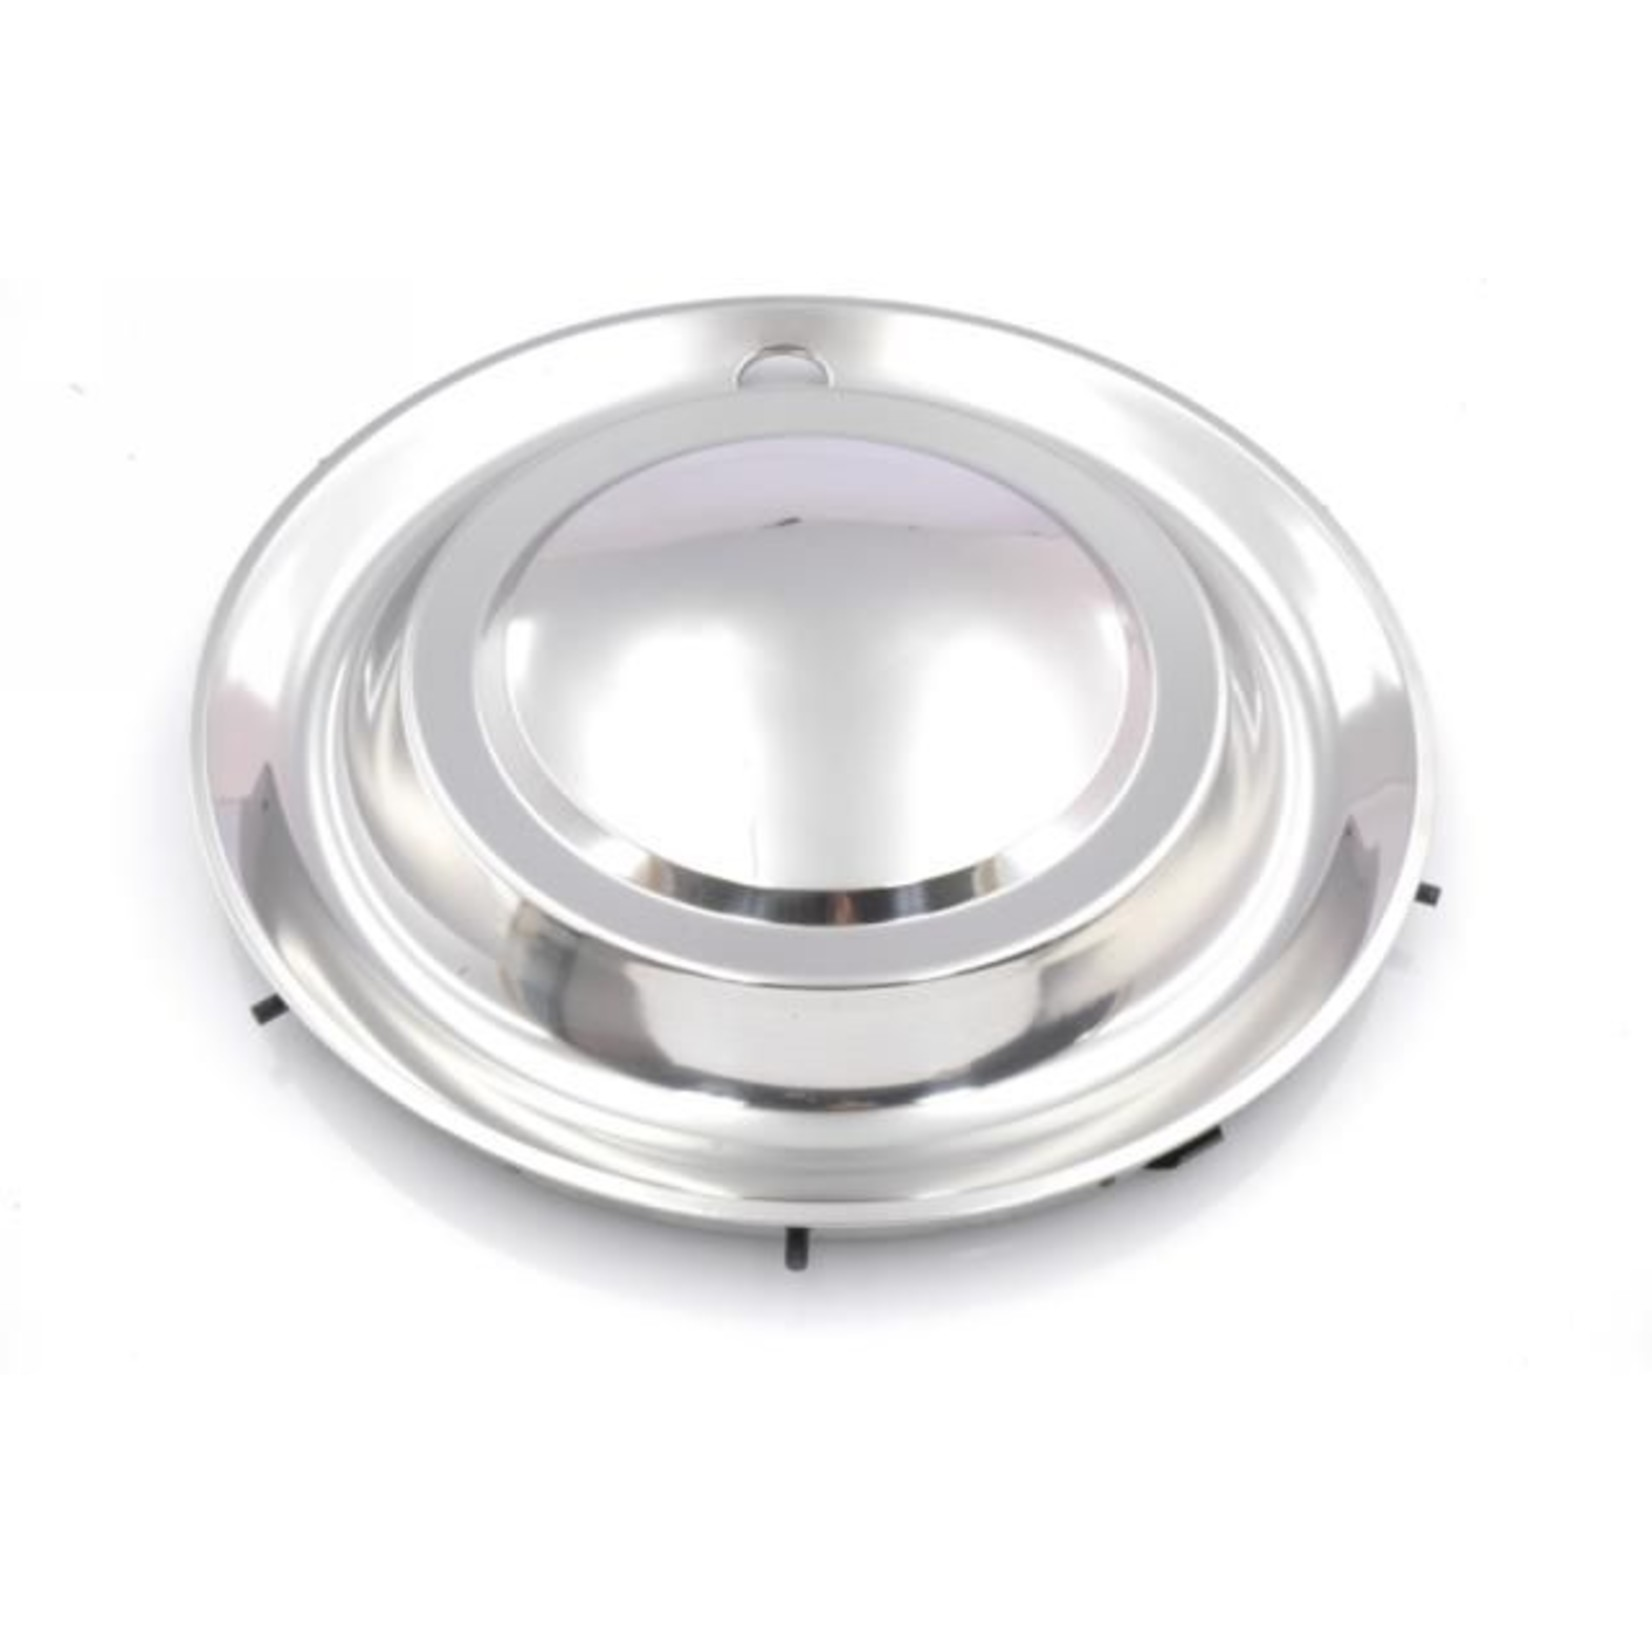 Embellecedor rueda non pallas 180 / 185 x 15 Nr Org: 5414401